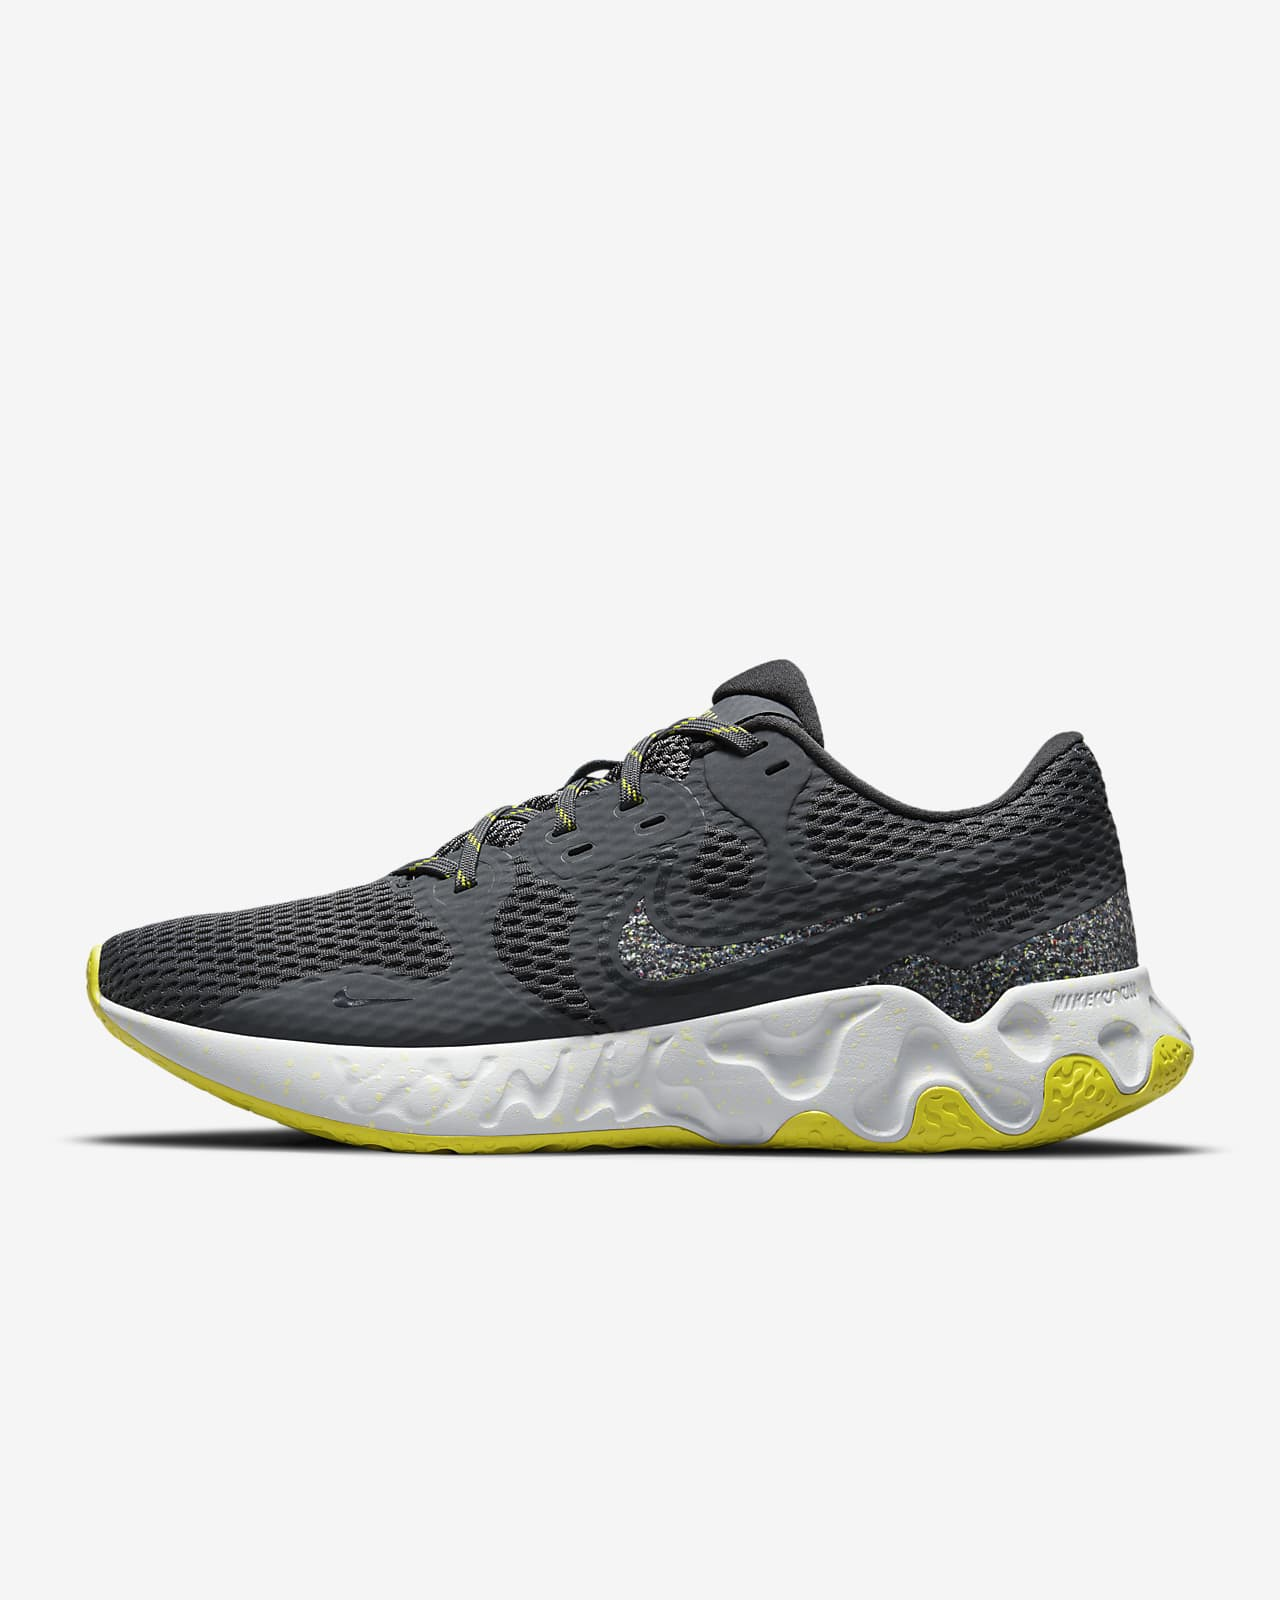 Calzado de running para carretera para hombre Nike Renew Ride 2 Premium